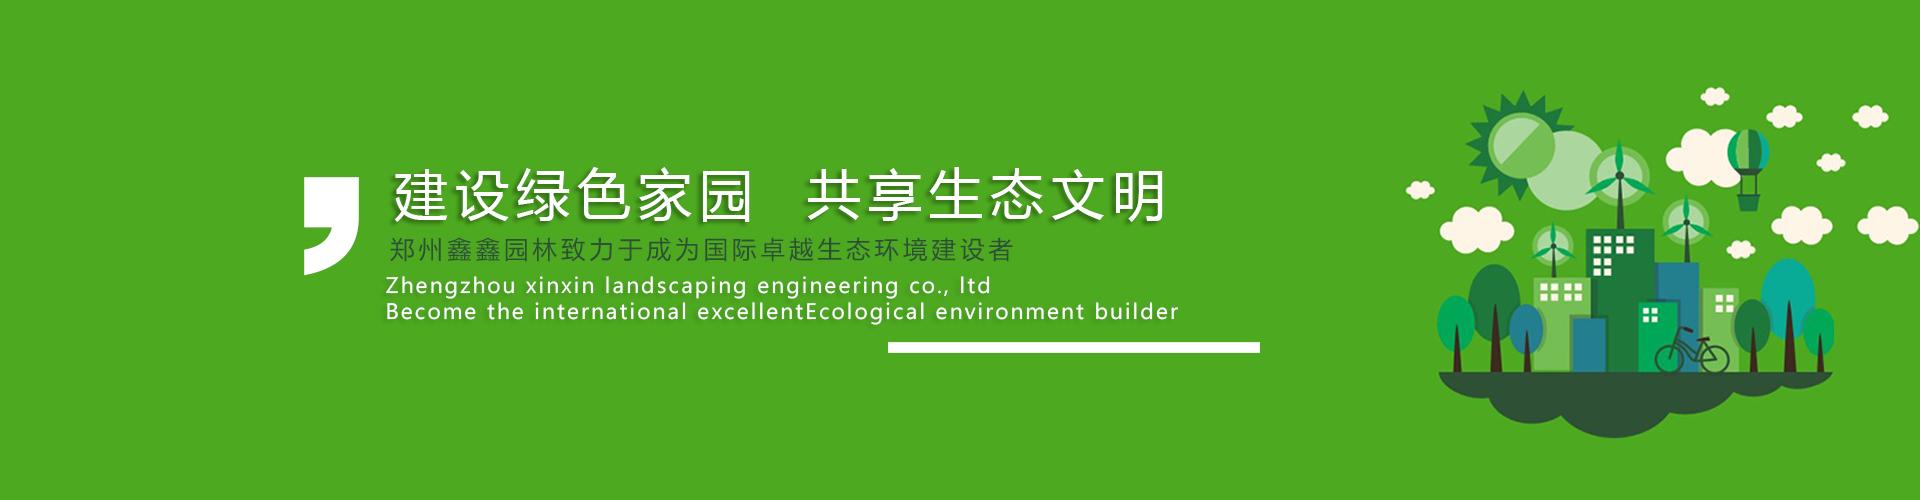 鑫鑫园林,生态,景观